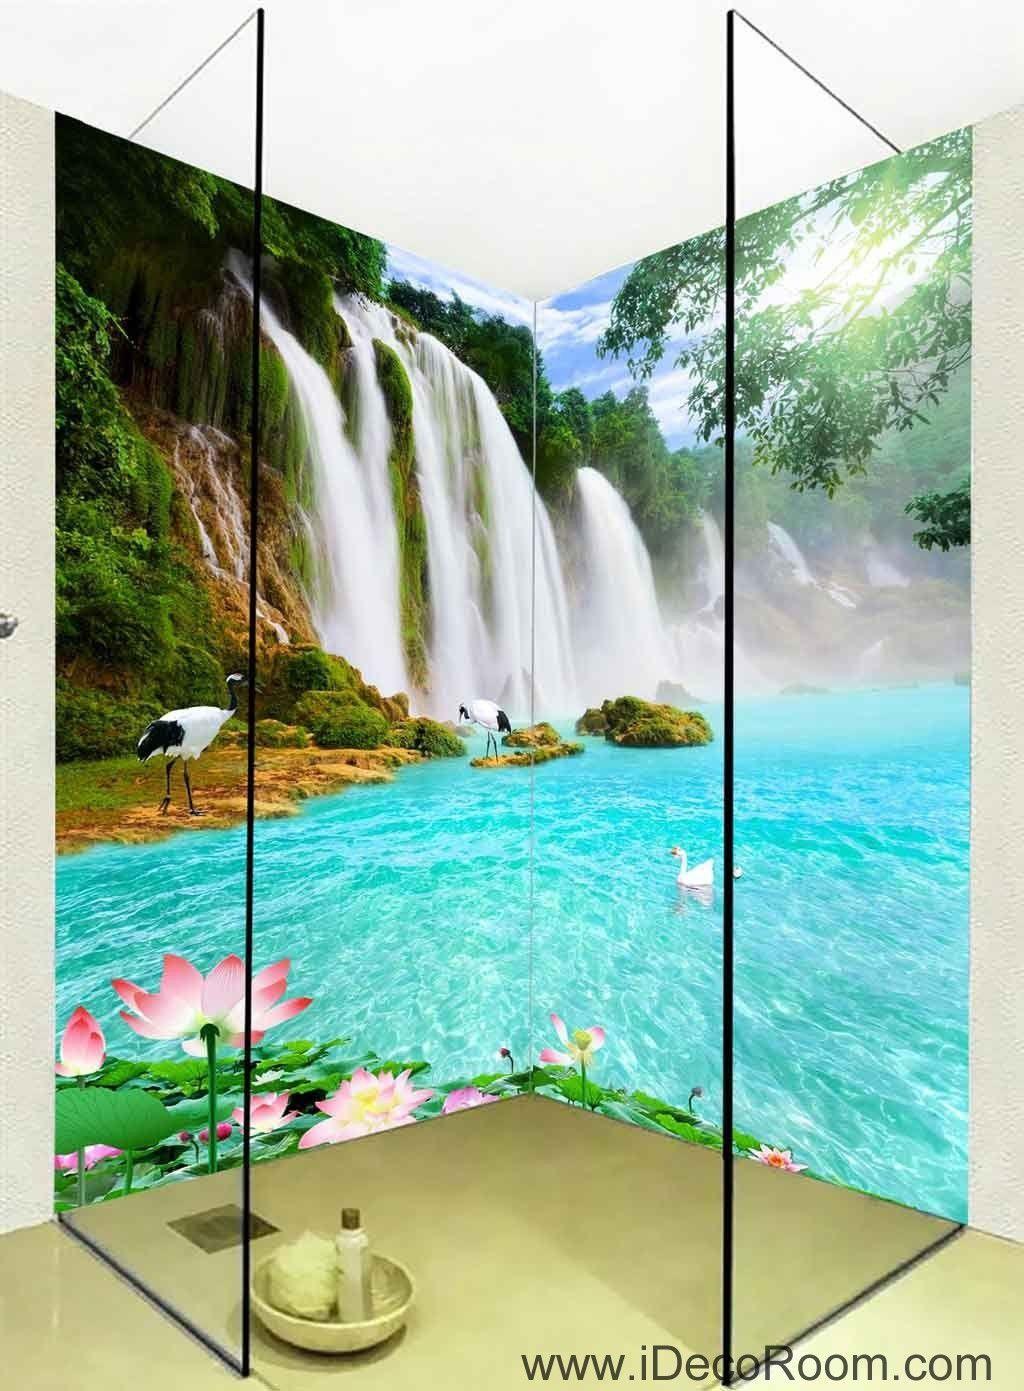 Best 3D Wallpaper Waterfall Lilypad Lotus Wall Murals Bathroom 400 x 300